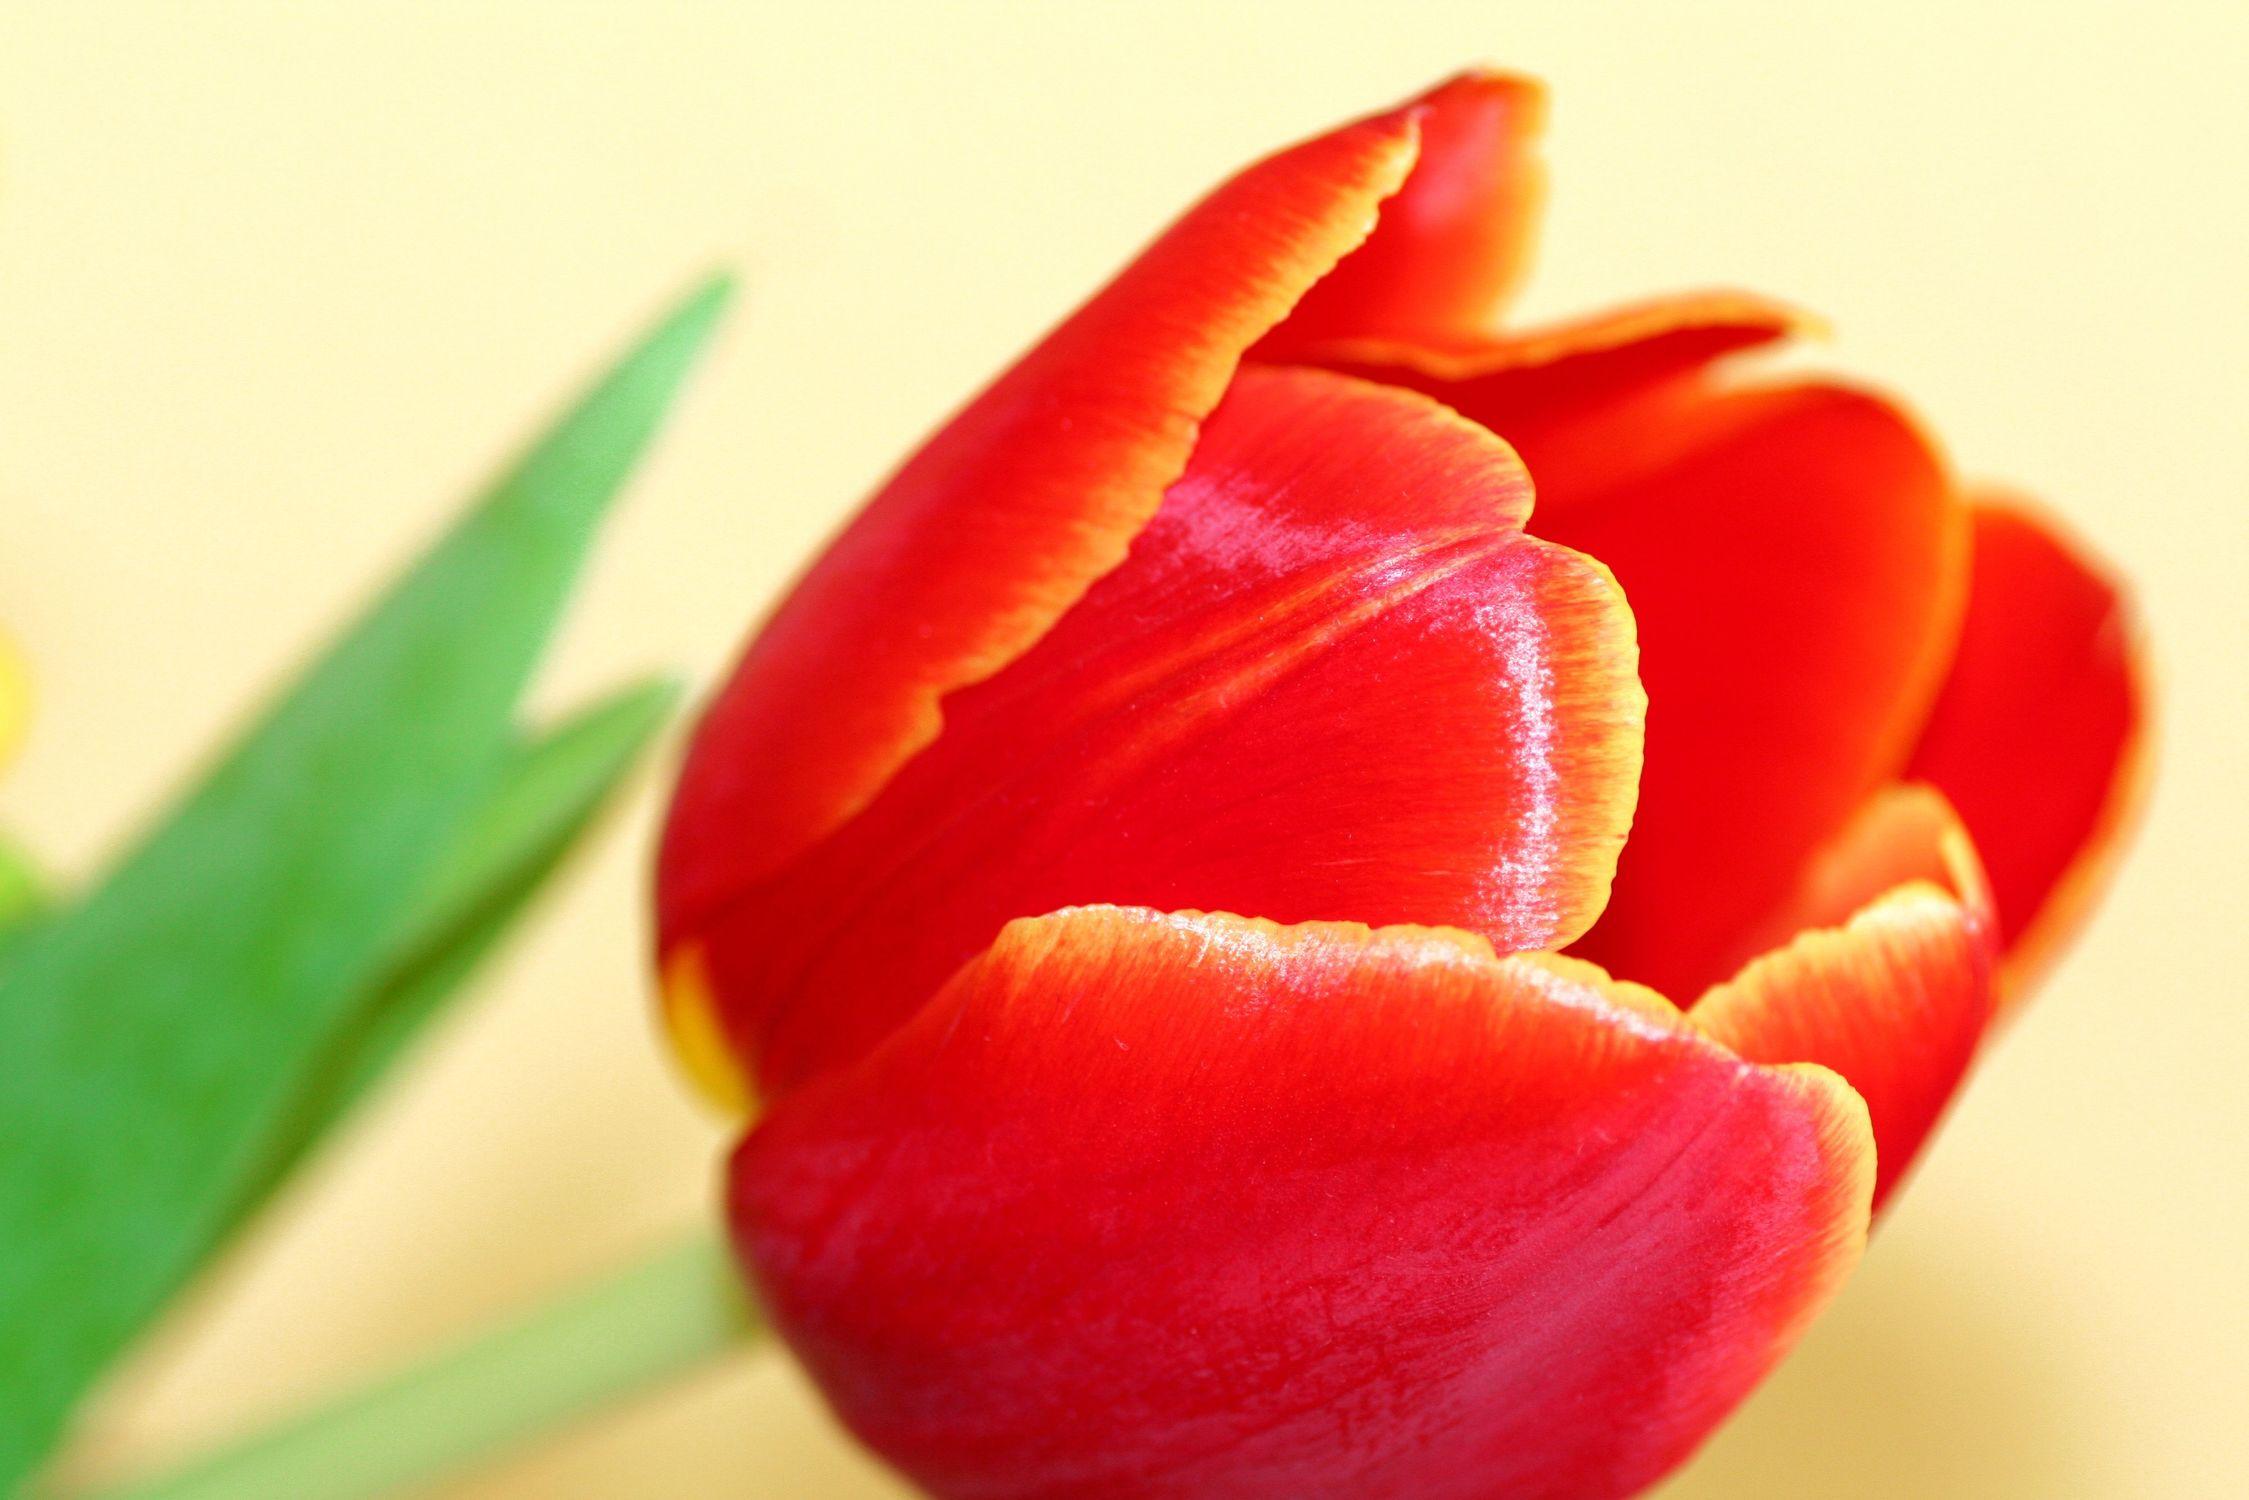 Bild mit Farben, Orange, Natur, Pflanzen, Blumen, Blumen, Rot, Blume, Pflanze, Tulpe, Tulips, Tulpen, Tulipa, Flower, Flowers, Tulip, red, rote Tulpe, rote Tulpen, red tulip, red tulips